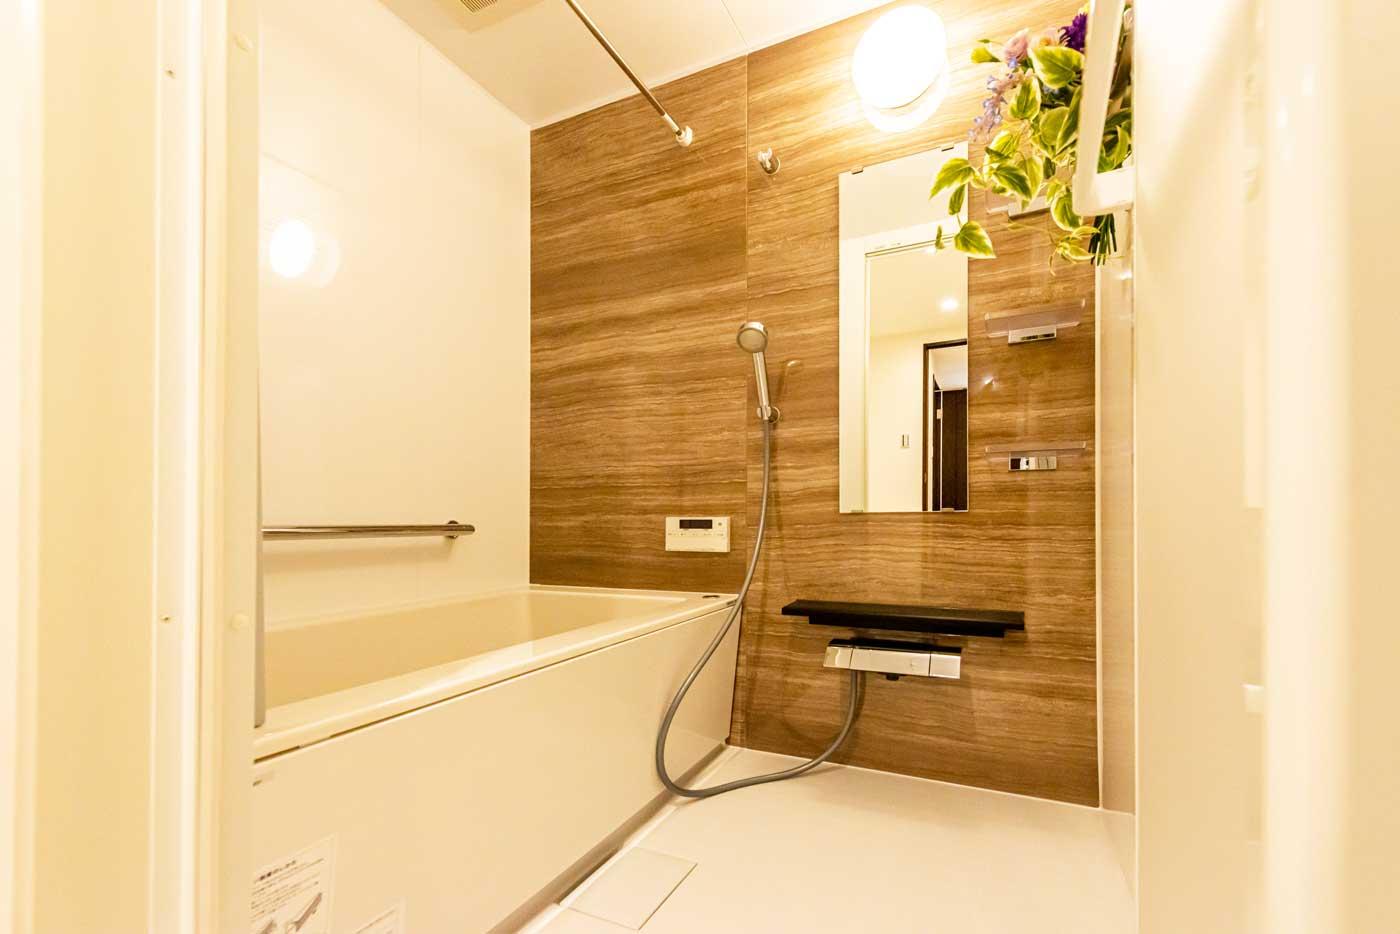 隅々まで美しいバスルーム